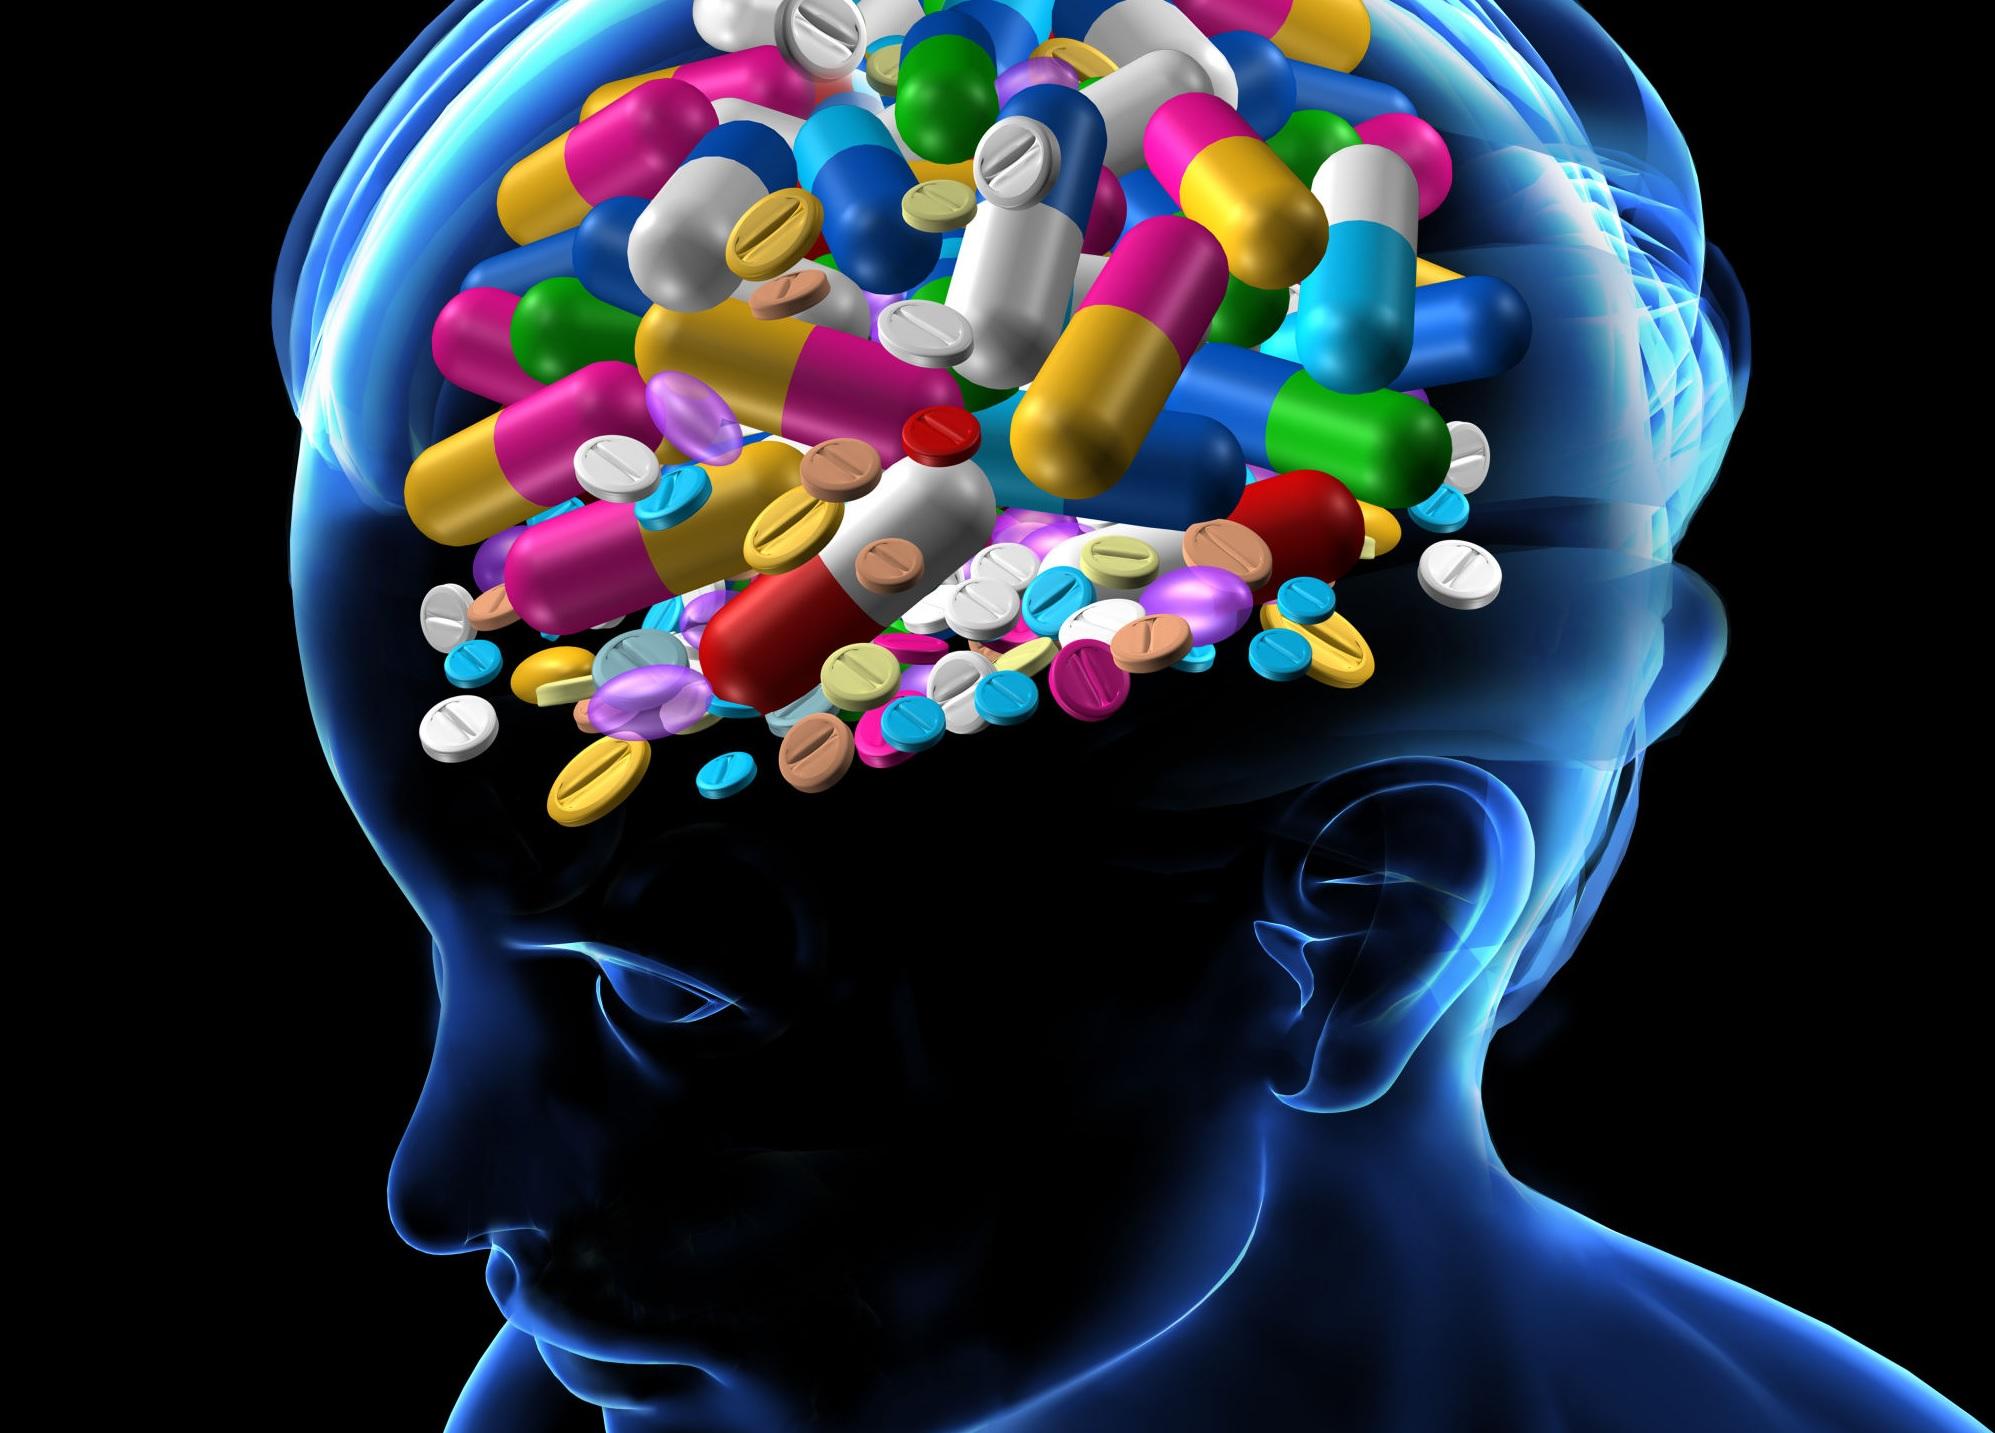 Az őrült tempóban növekvő antidepresszáns-fogyasztás is növelheti az antibiotikum-rezisztenciát